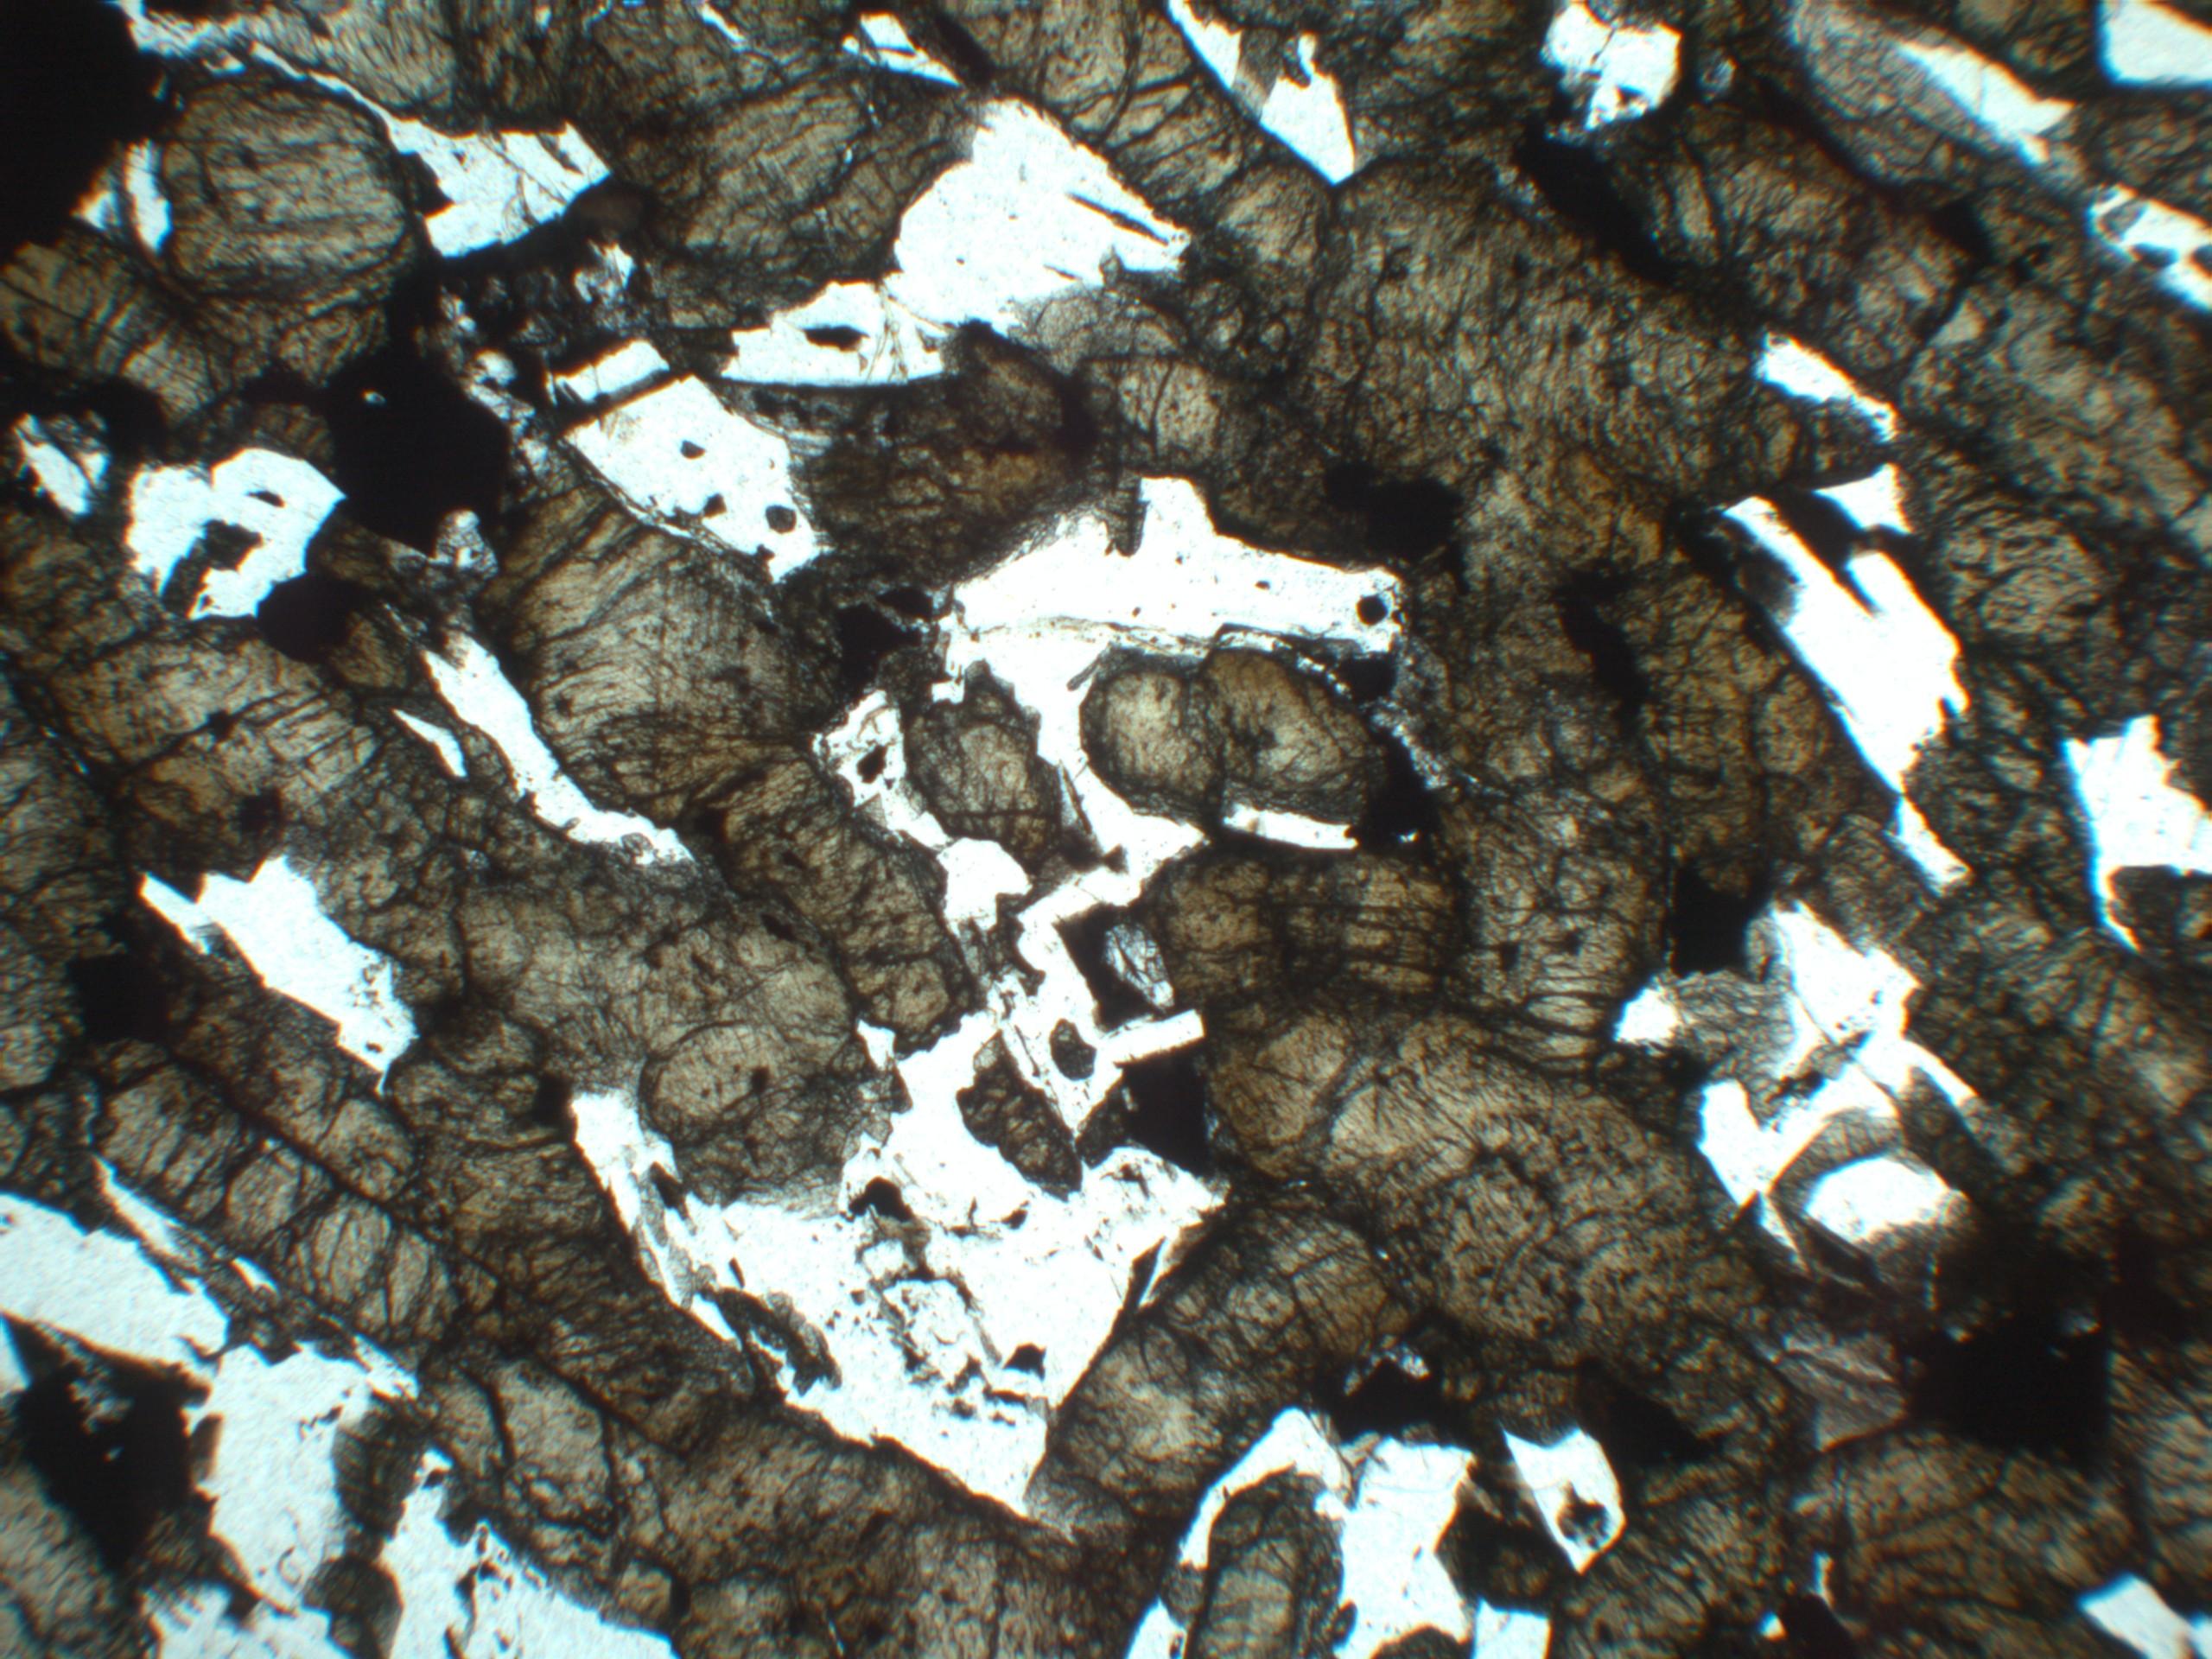 Shergotty, une météorite martienne: lame mince, lumière polarisée non analysée